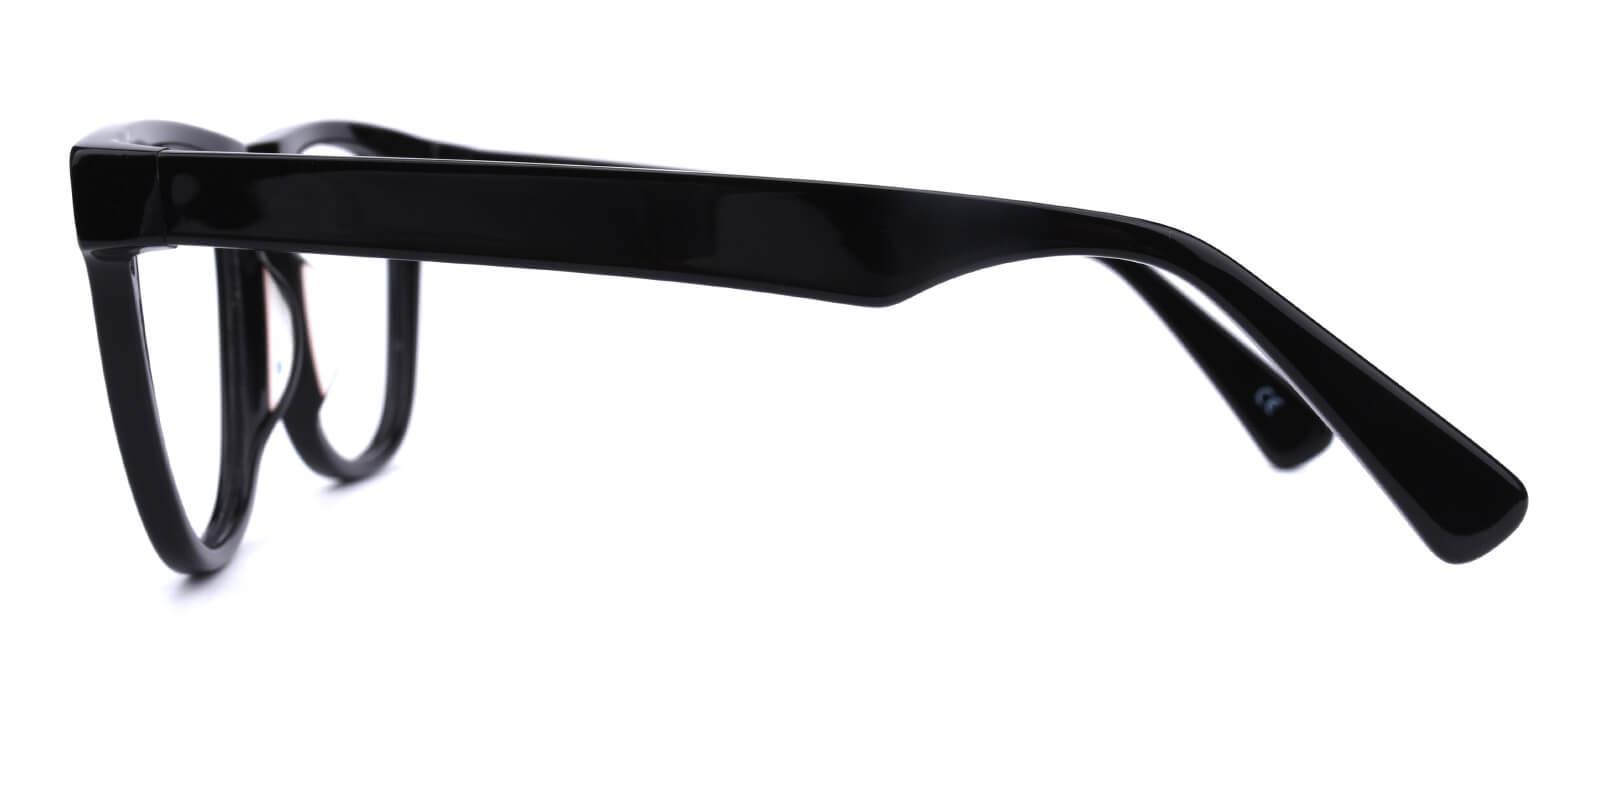 Masque-Black-Square-Acetate-Eyeglasses-additional3